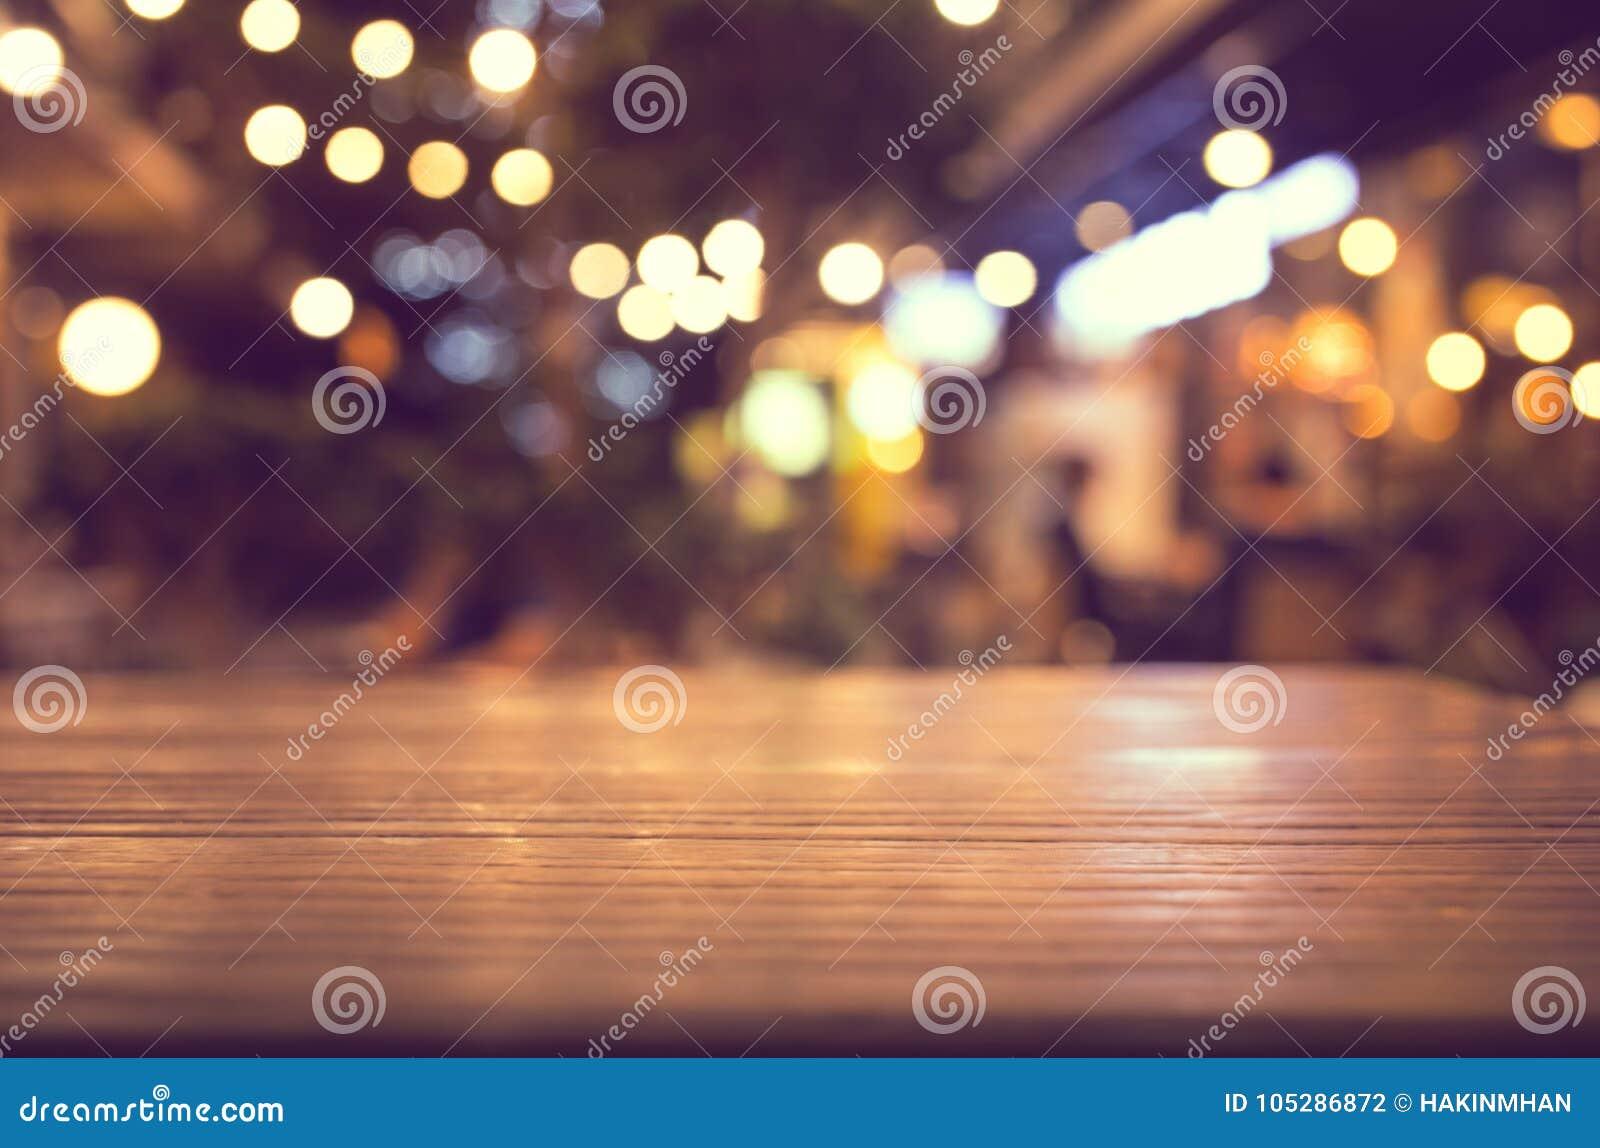 Piano dappoggio di legno con sfuocatura di illuminazione nel